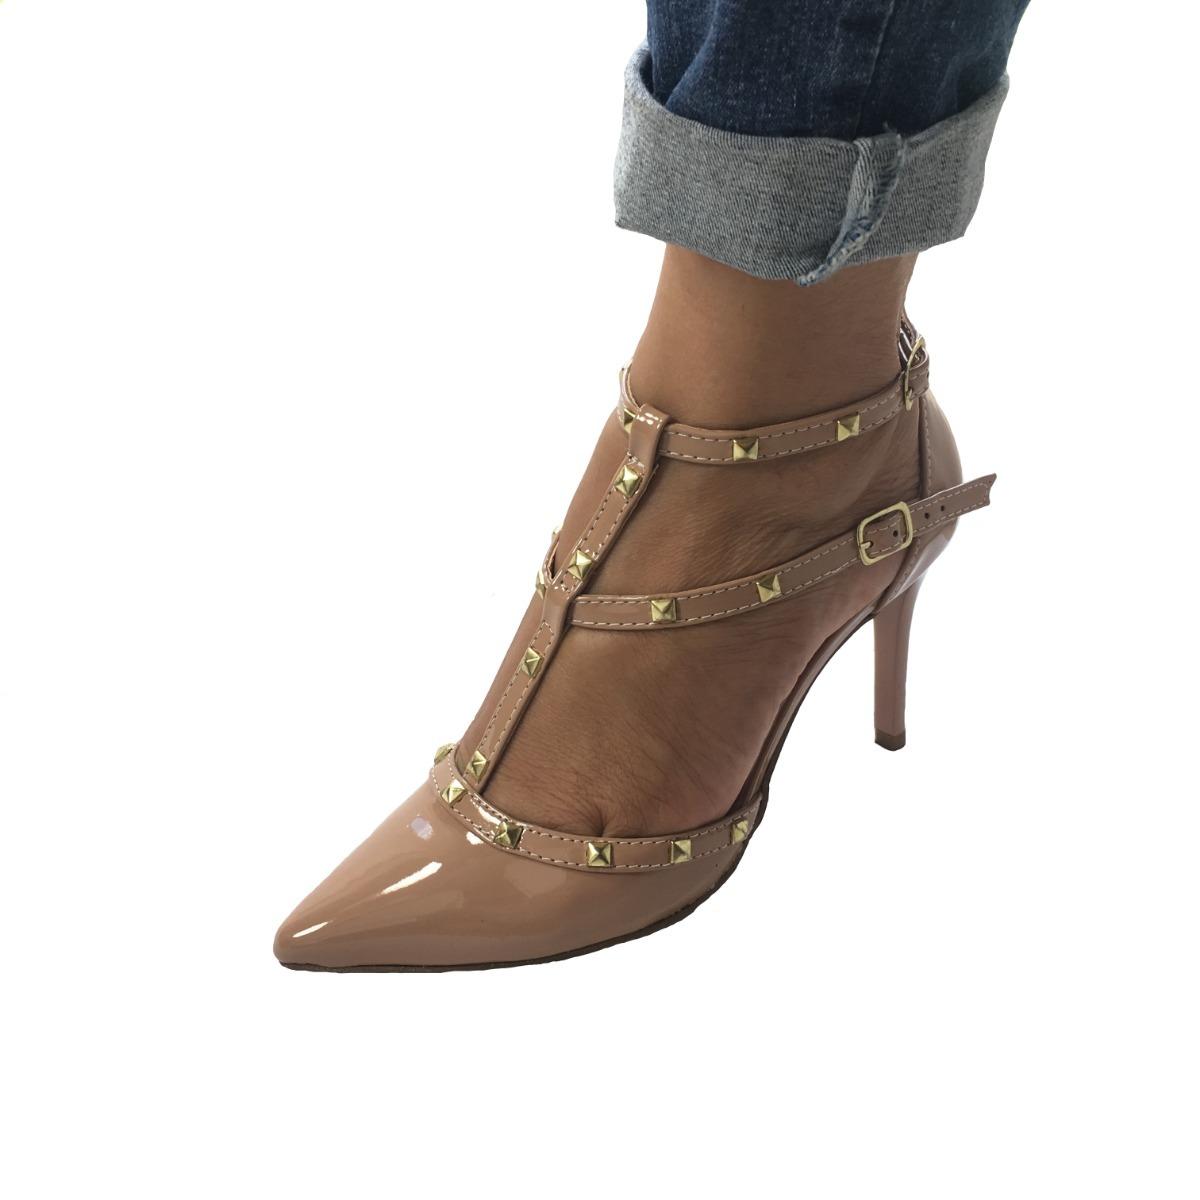 23050da0f sapato spike feminino bico fino festa formatura preto verniz. Carregando  zoom.